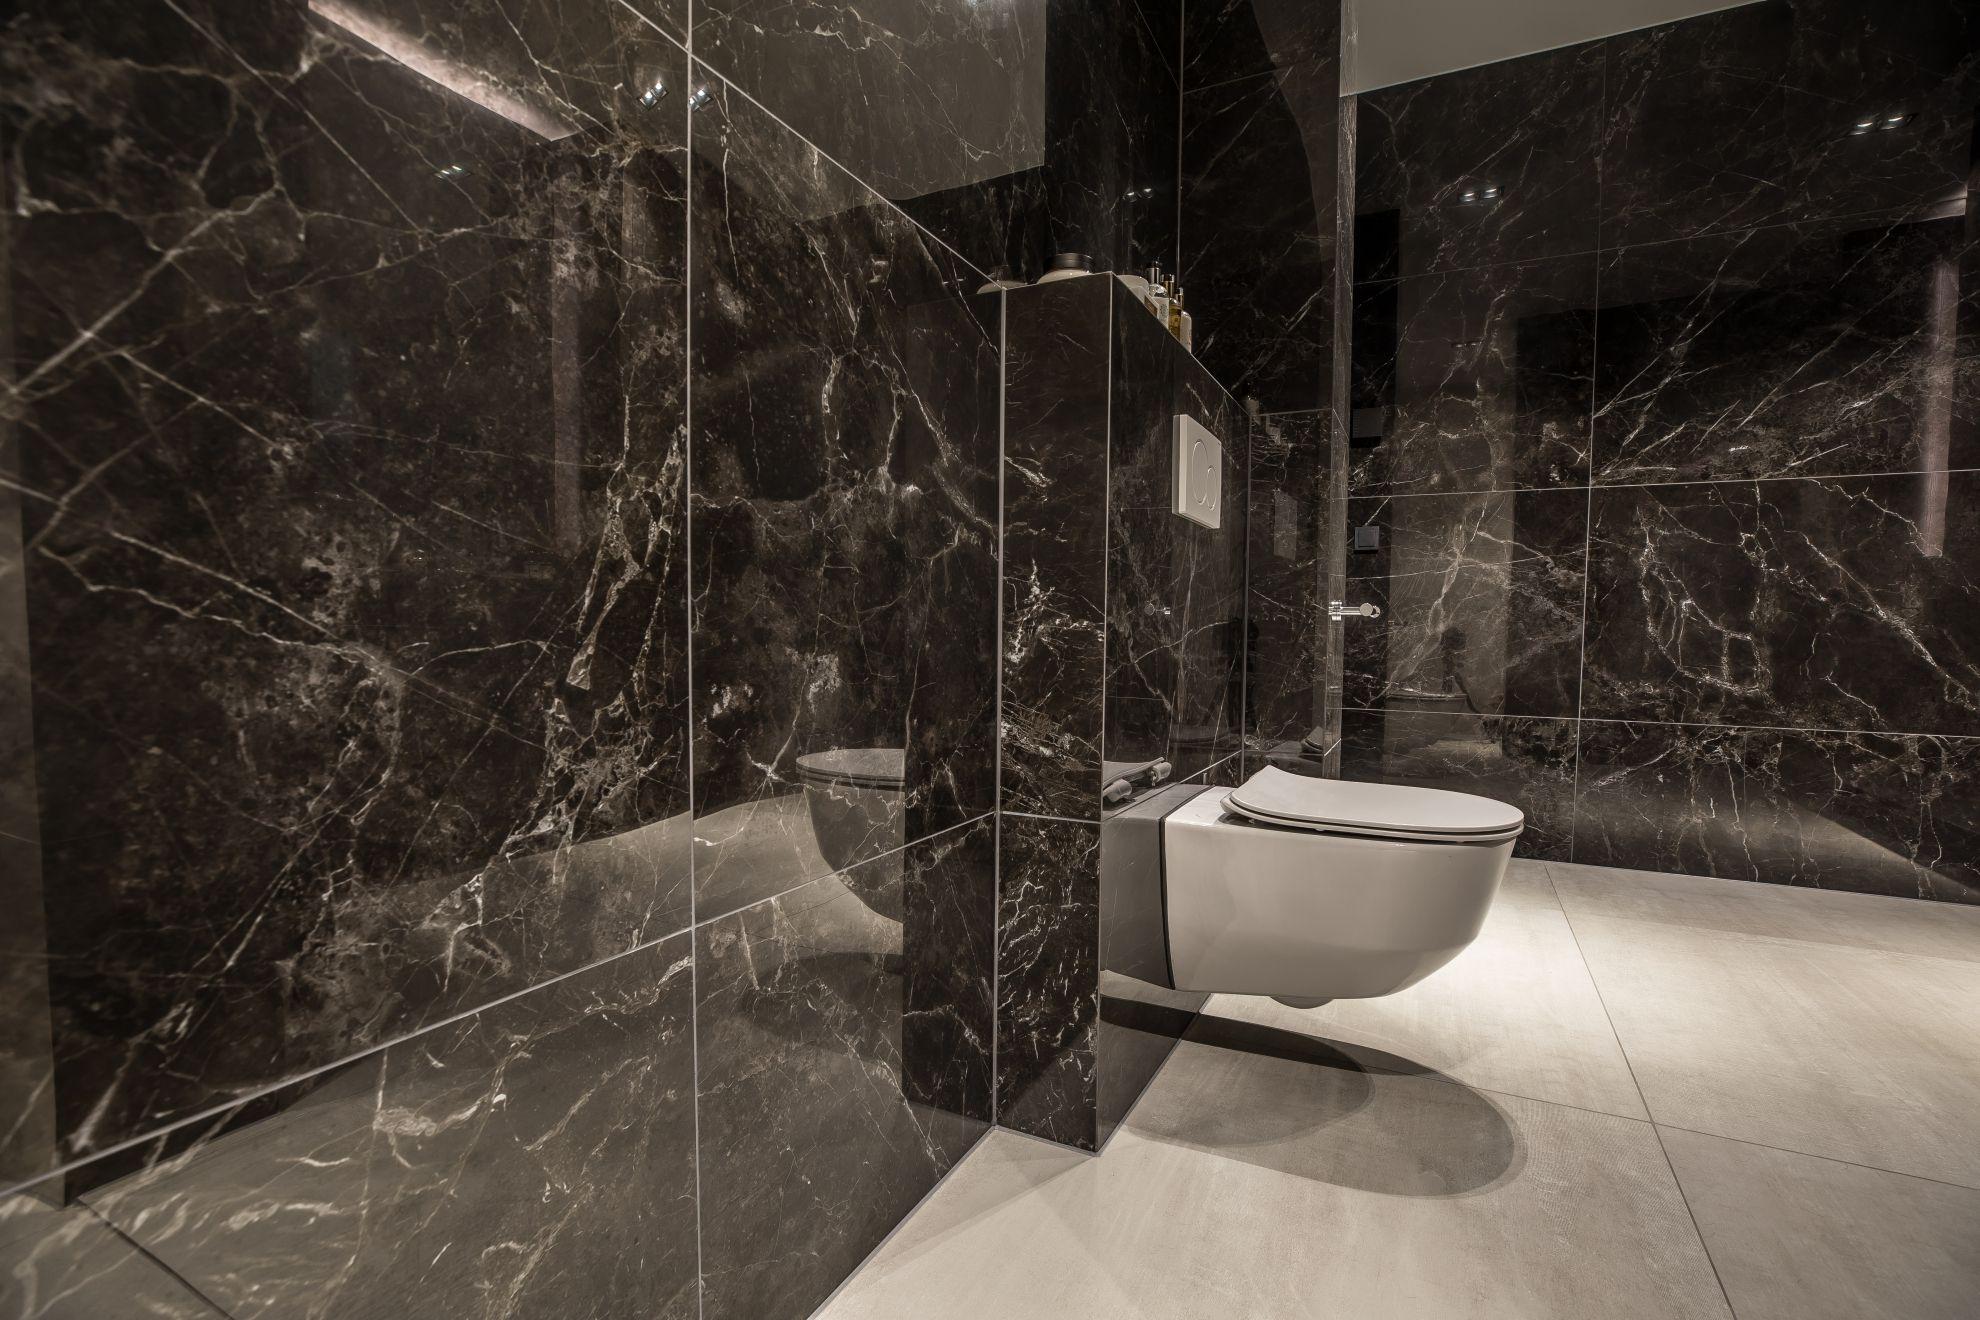 Keramische Marmer En Betonlooktegels Badkamer Zoetermeer Regge Tegels Vloeren